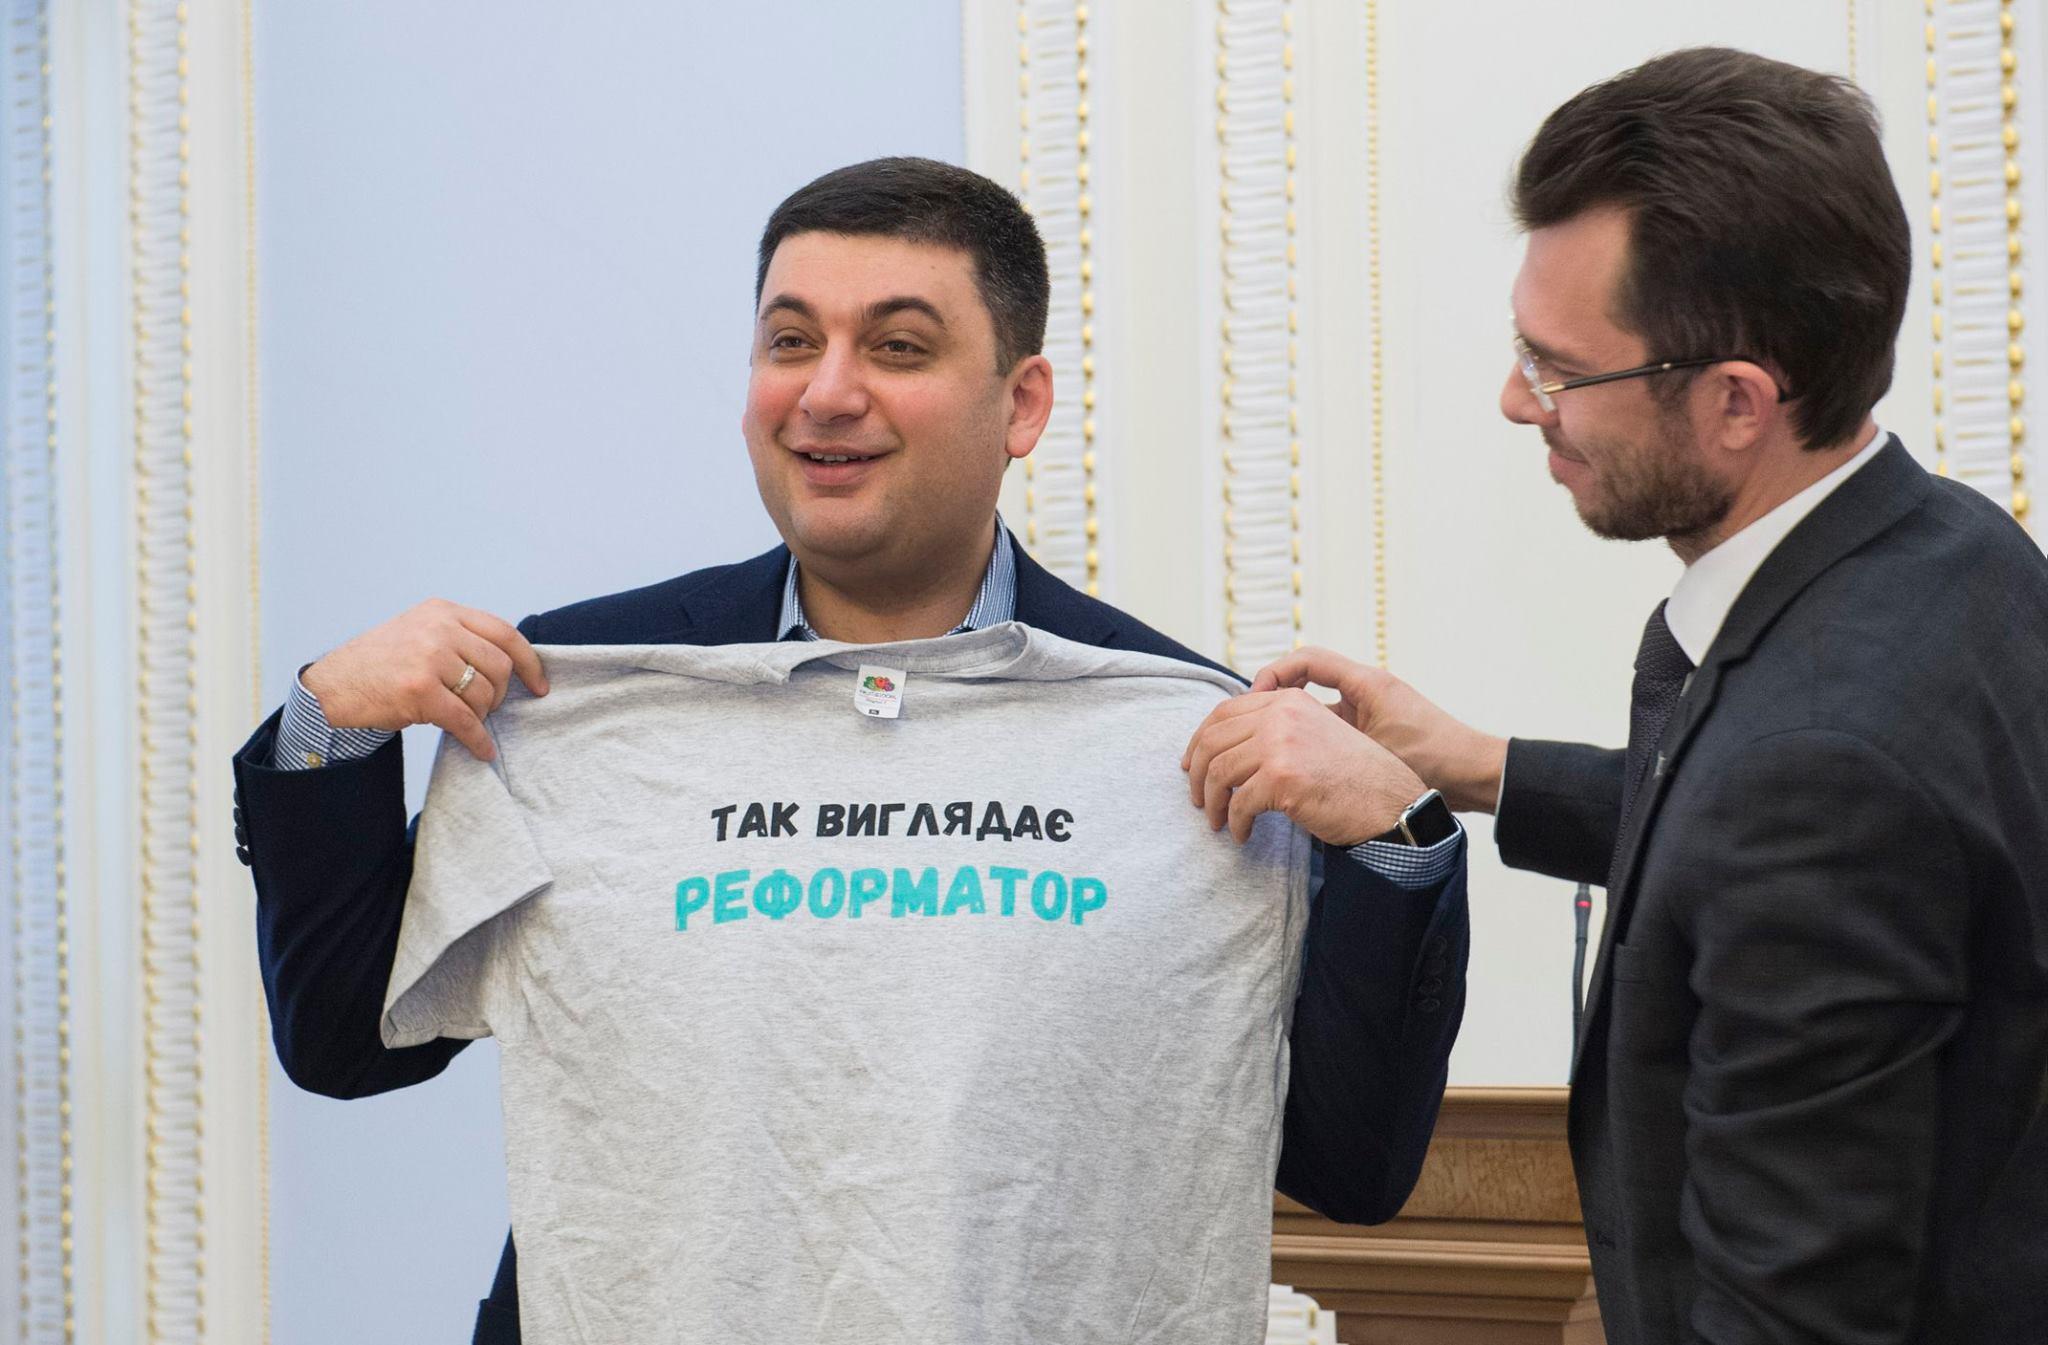 Гройсману подарували футболку реформатора - фото 1